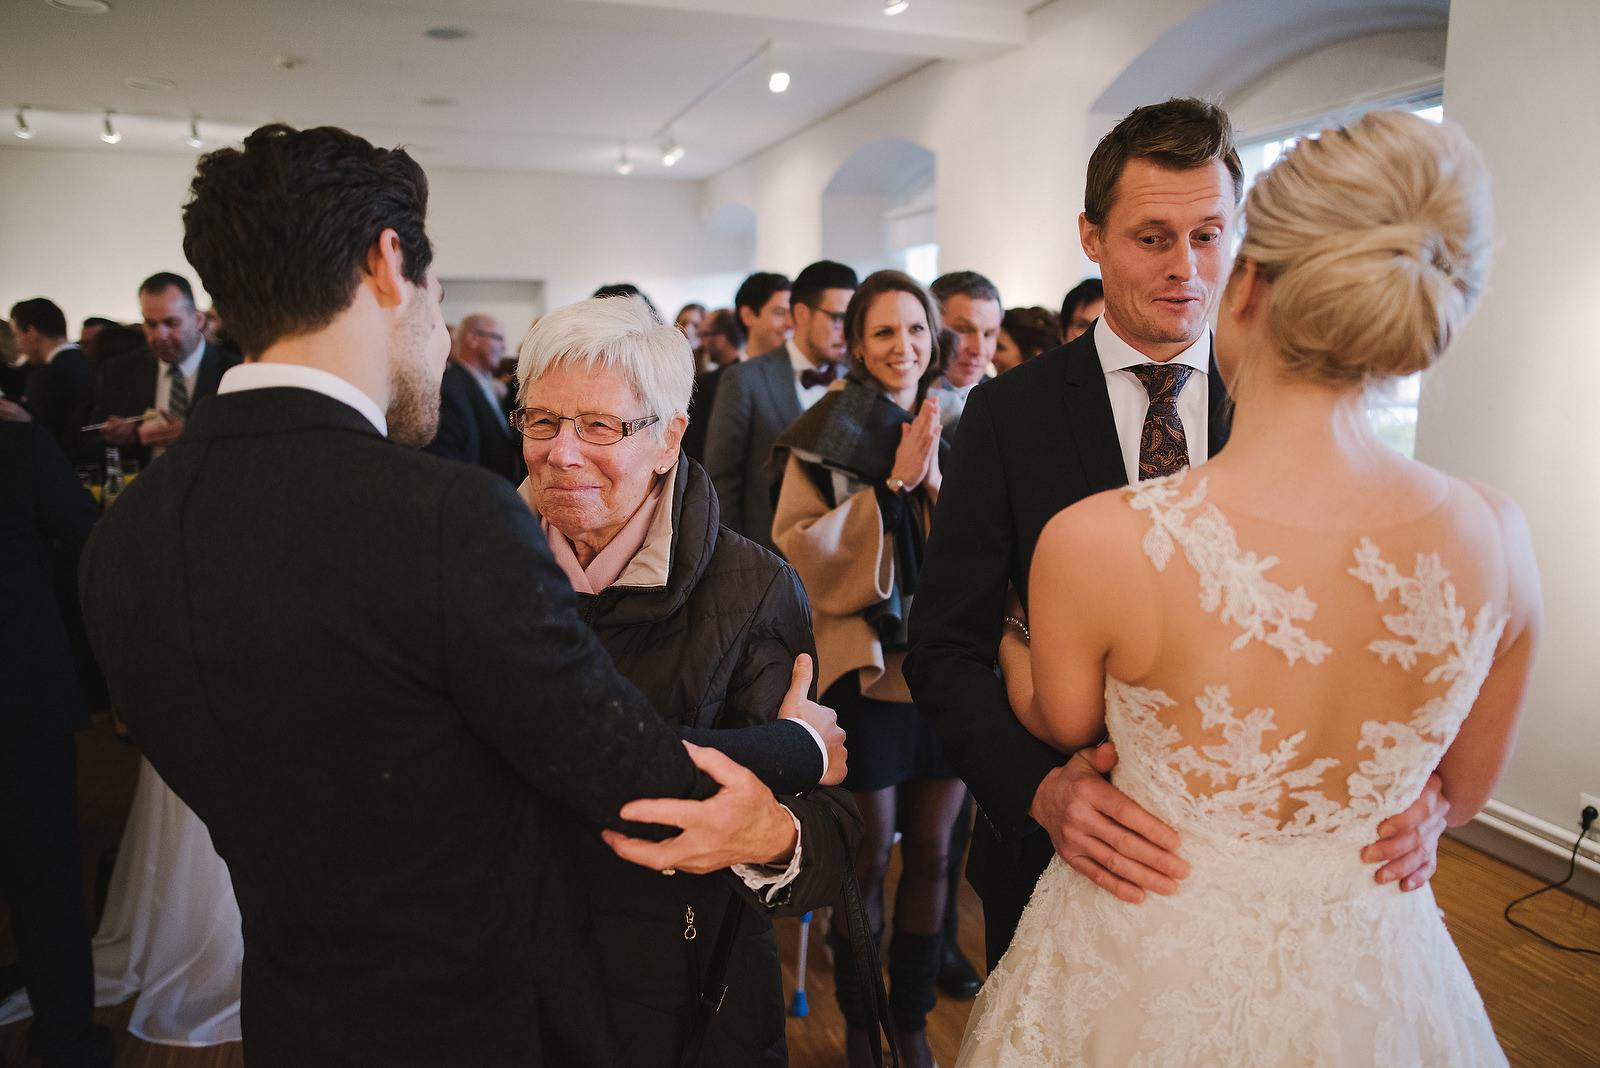 Fotograf Konstanz - Hochzeit Friedrichshafen Bodensee Hochzeitsfotograf EFP 35 - Silvester Hochzeit in Hagnau / Friedrichshafen am Bodensee  - 28 -